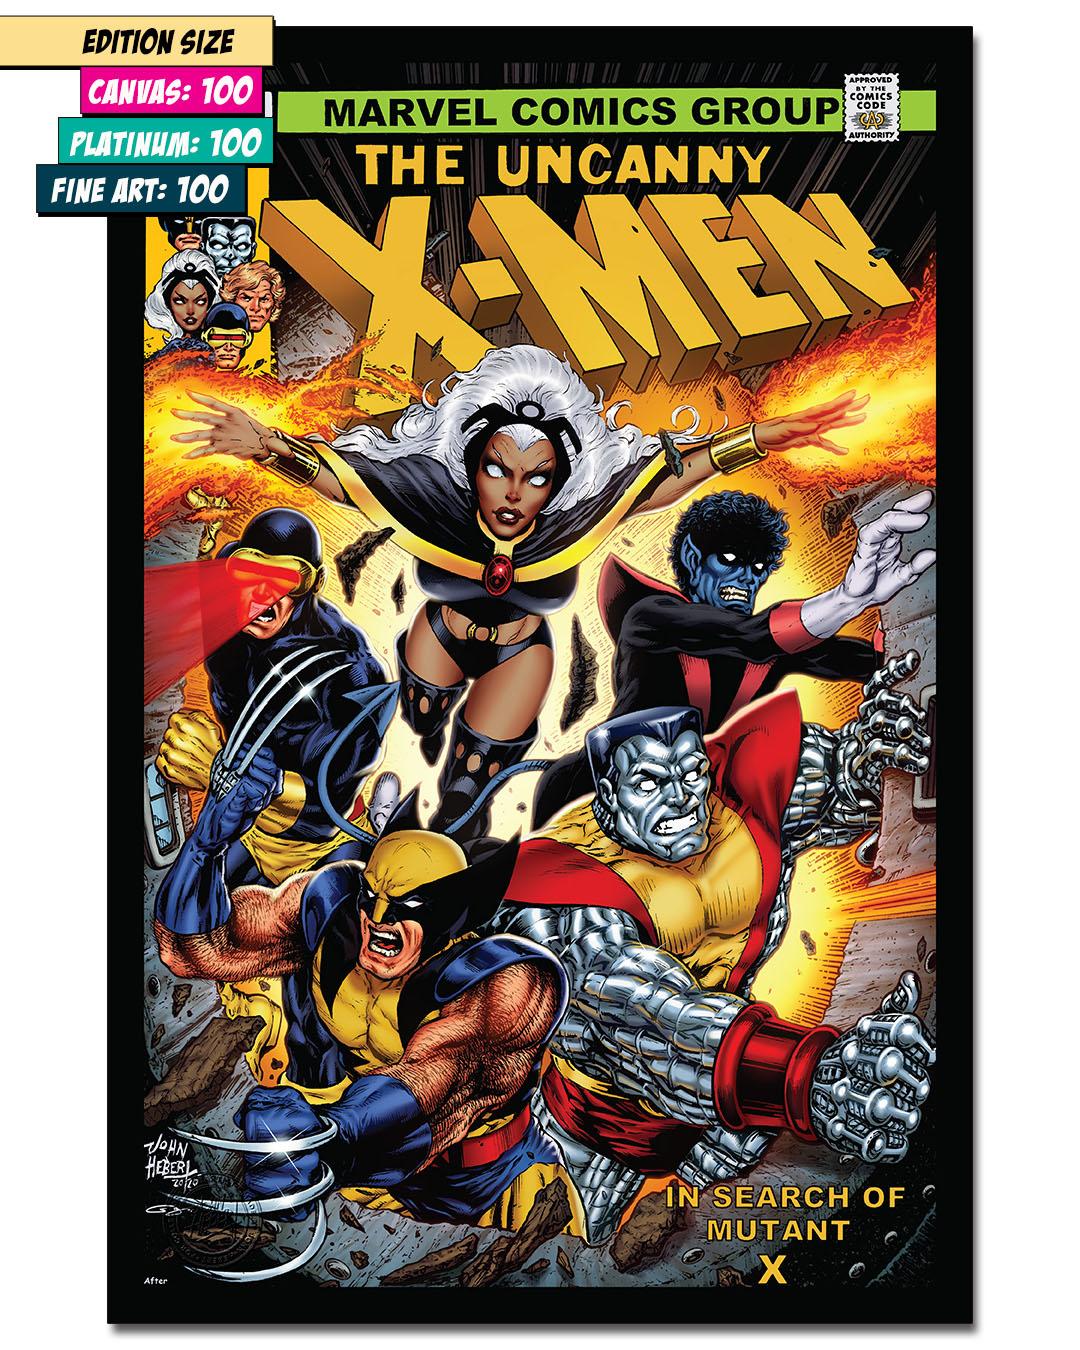 THE UNCANNY X-MEN #126: Cover Art Recreation